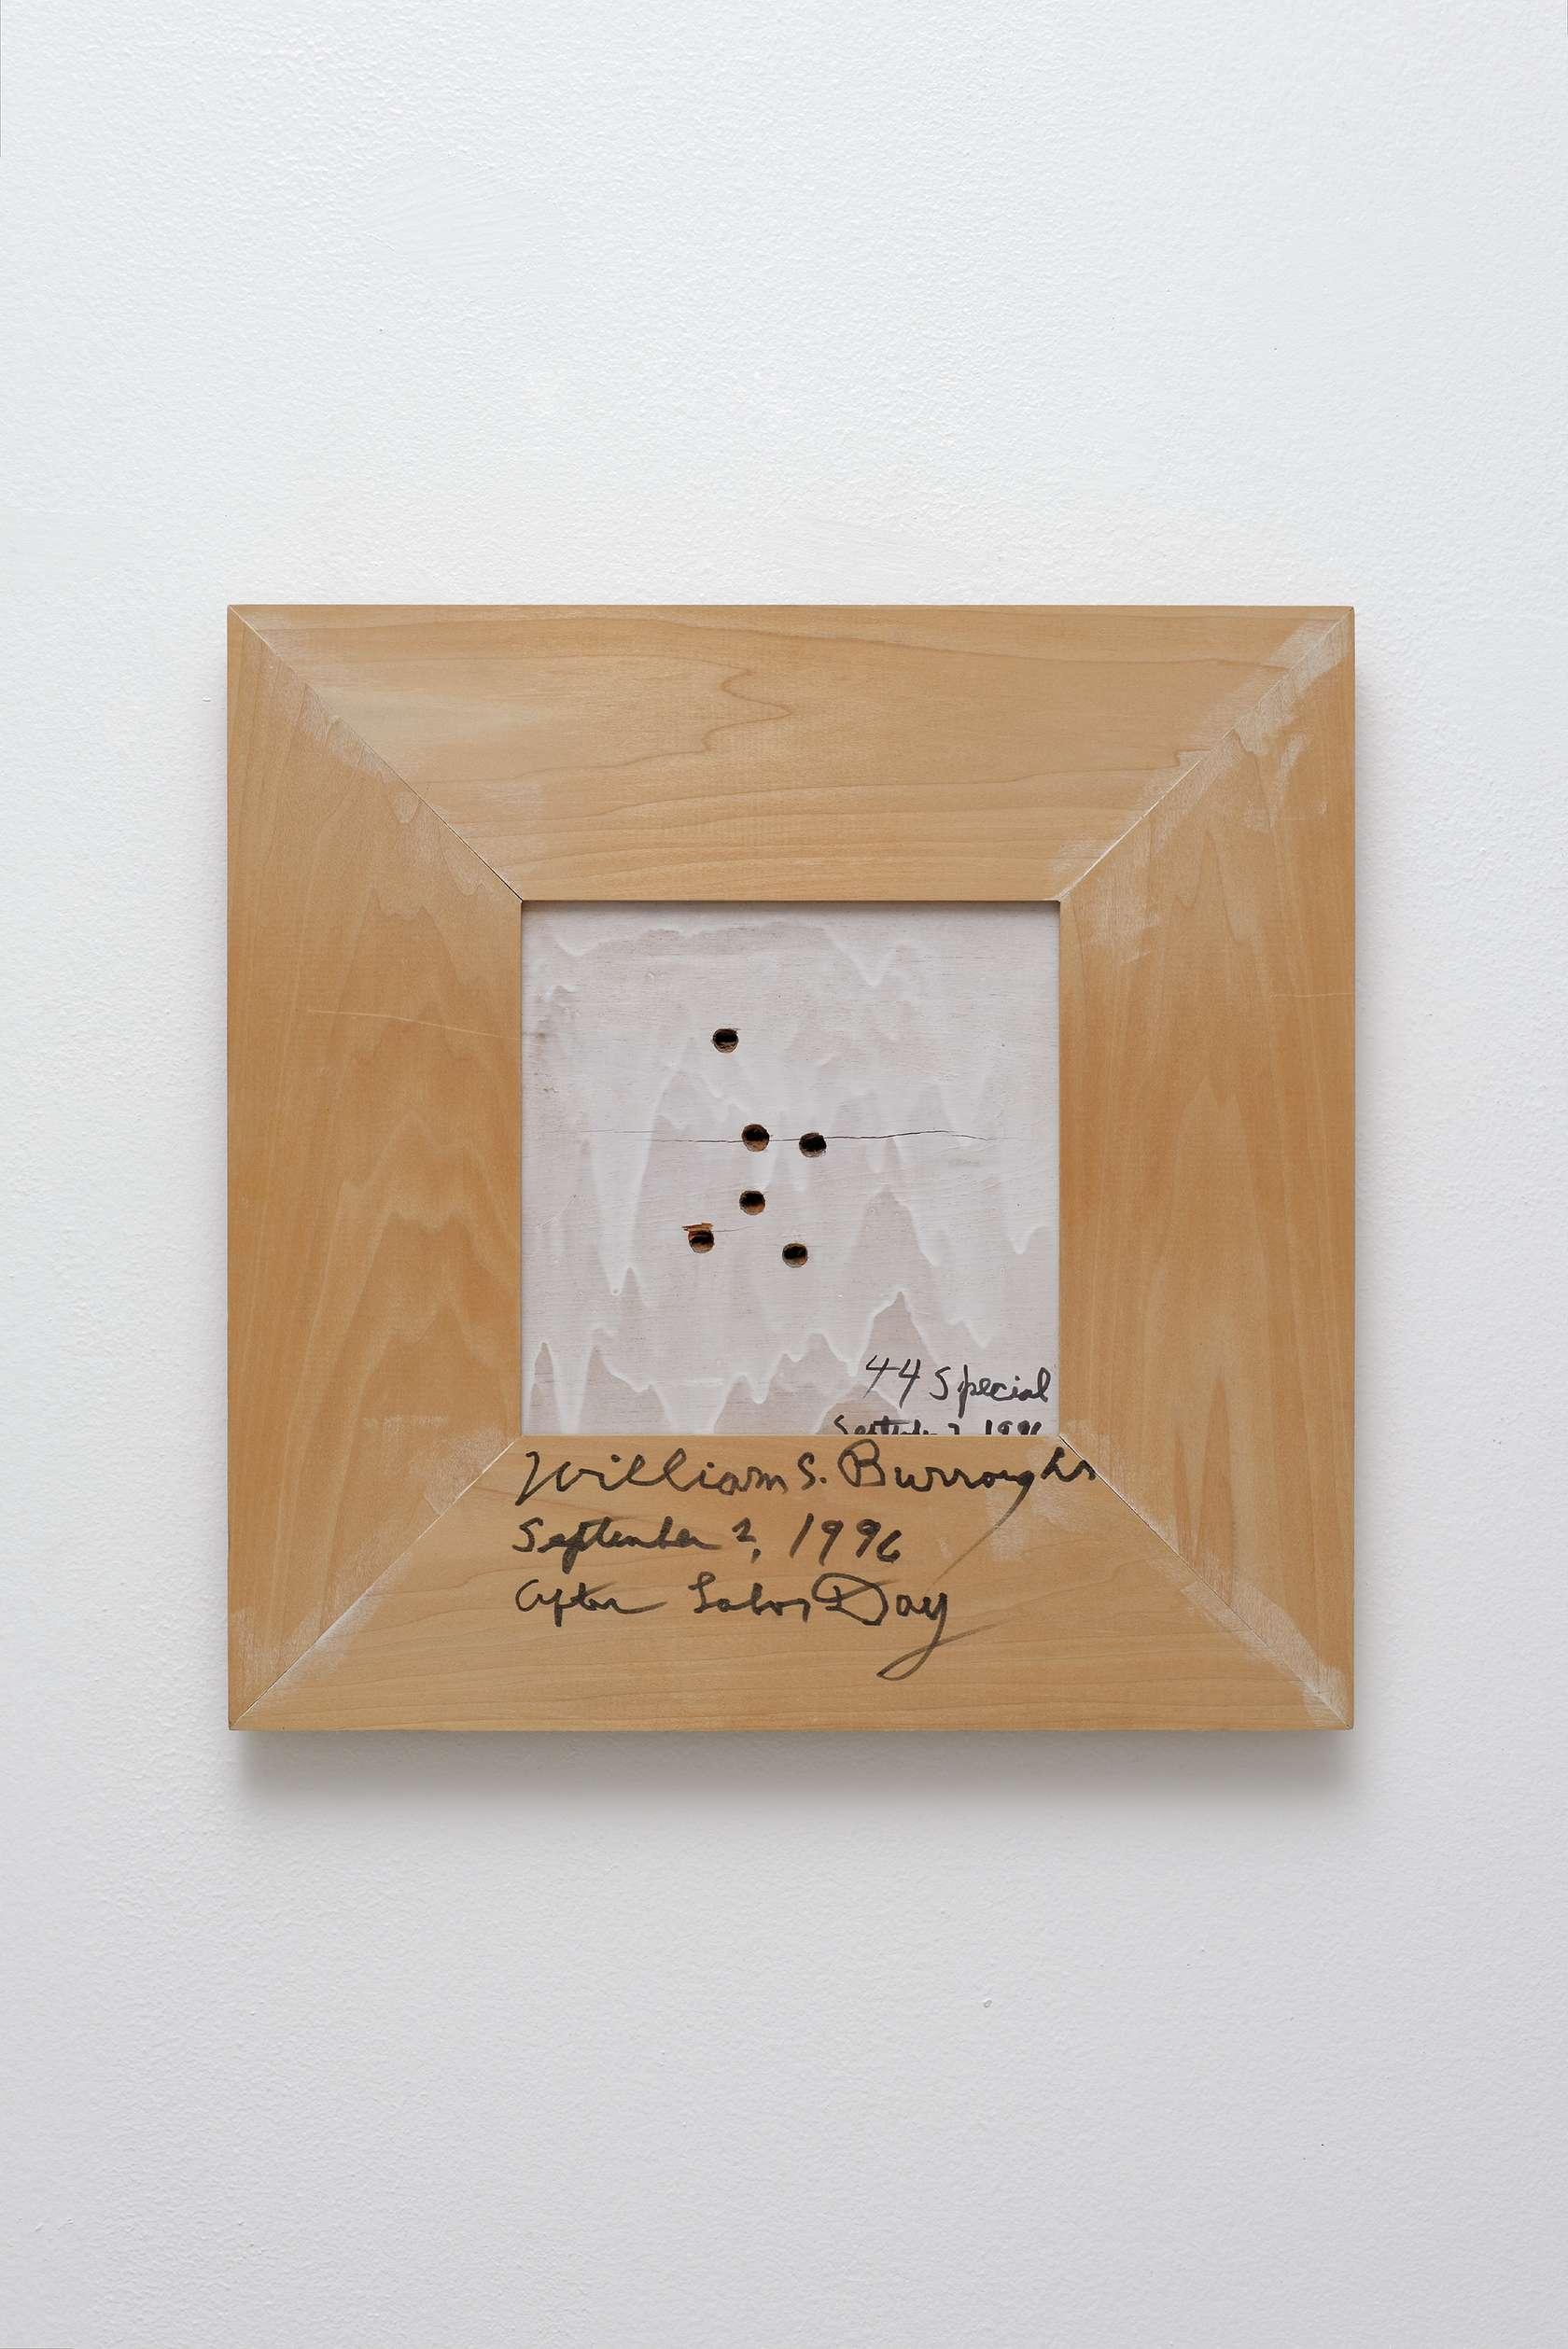 William S. Burroughs, 44 Spécial, 1994 Acrylique et impacts de balles sur bois48 x 47.5 cm / 18 7/8 x 18 6/8 inches